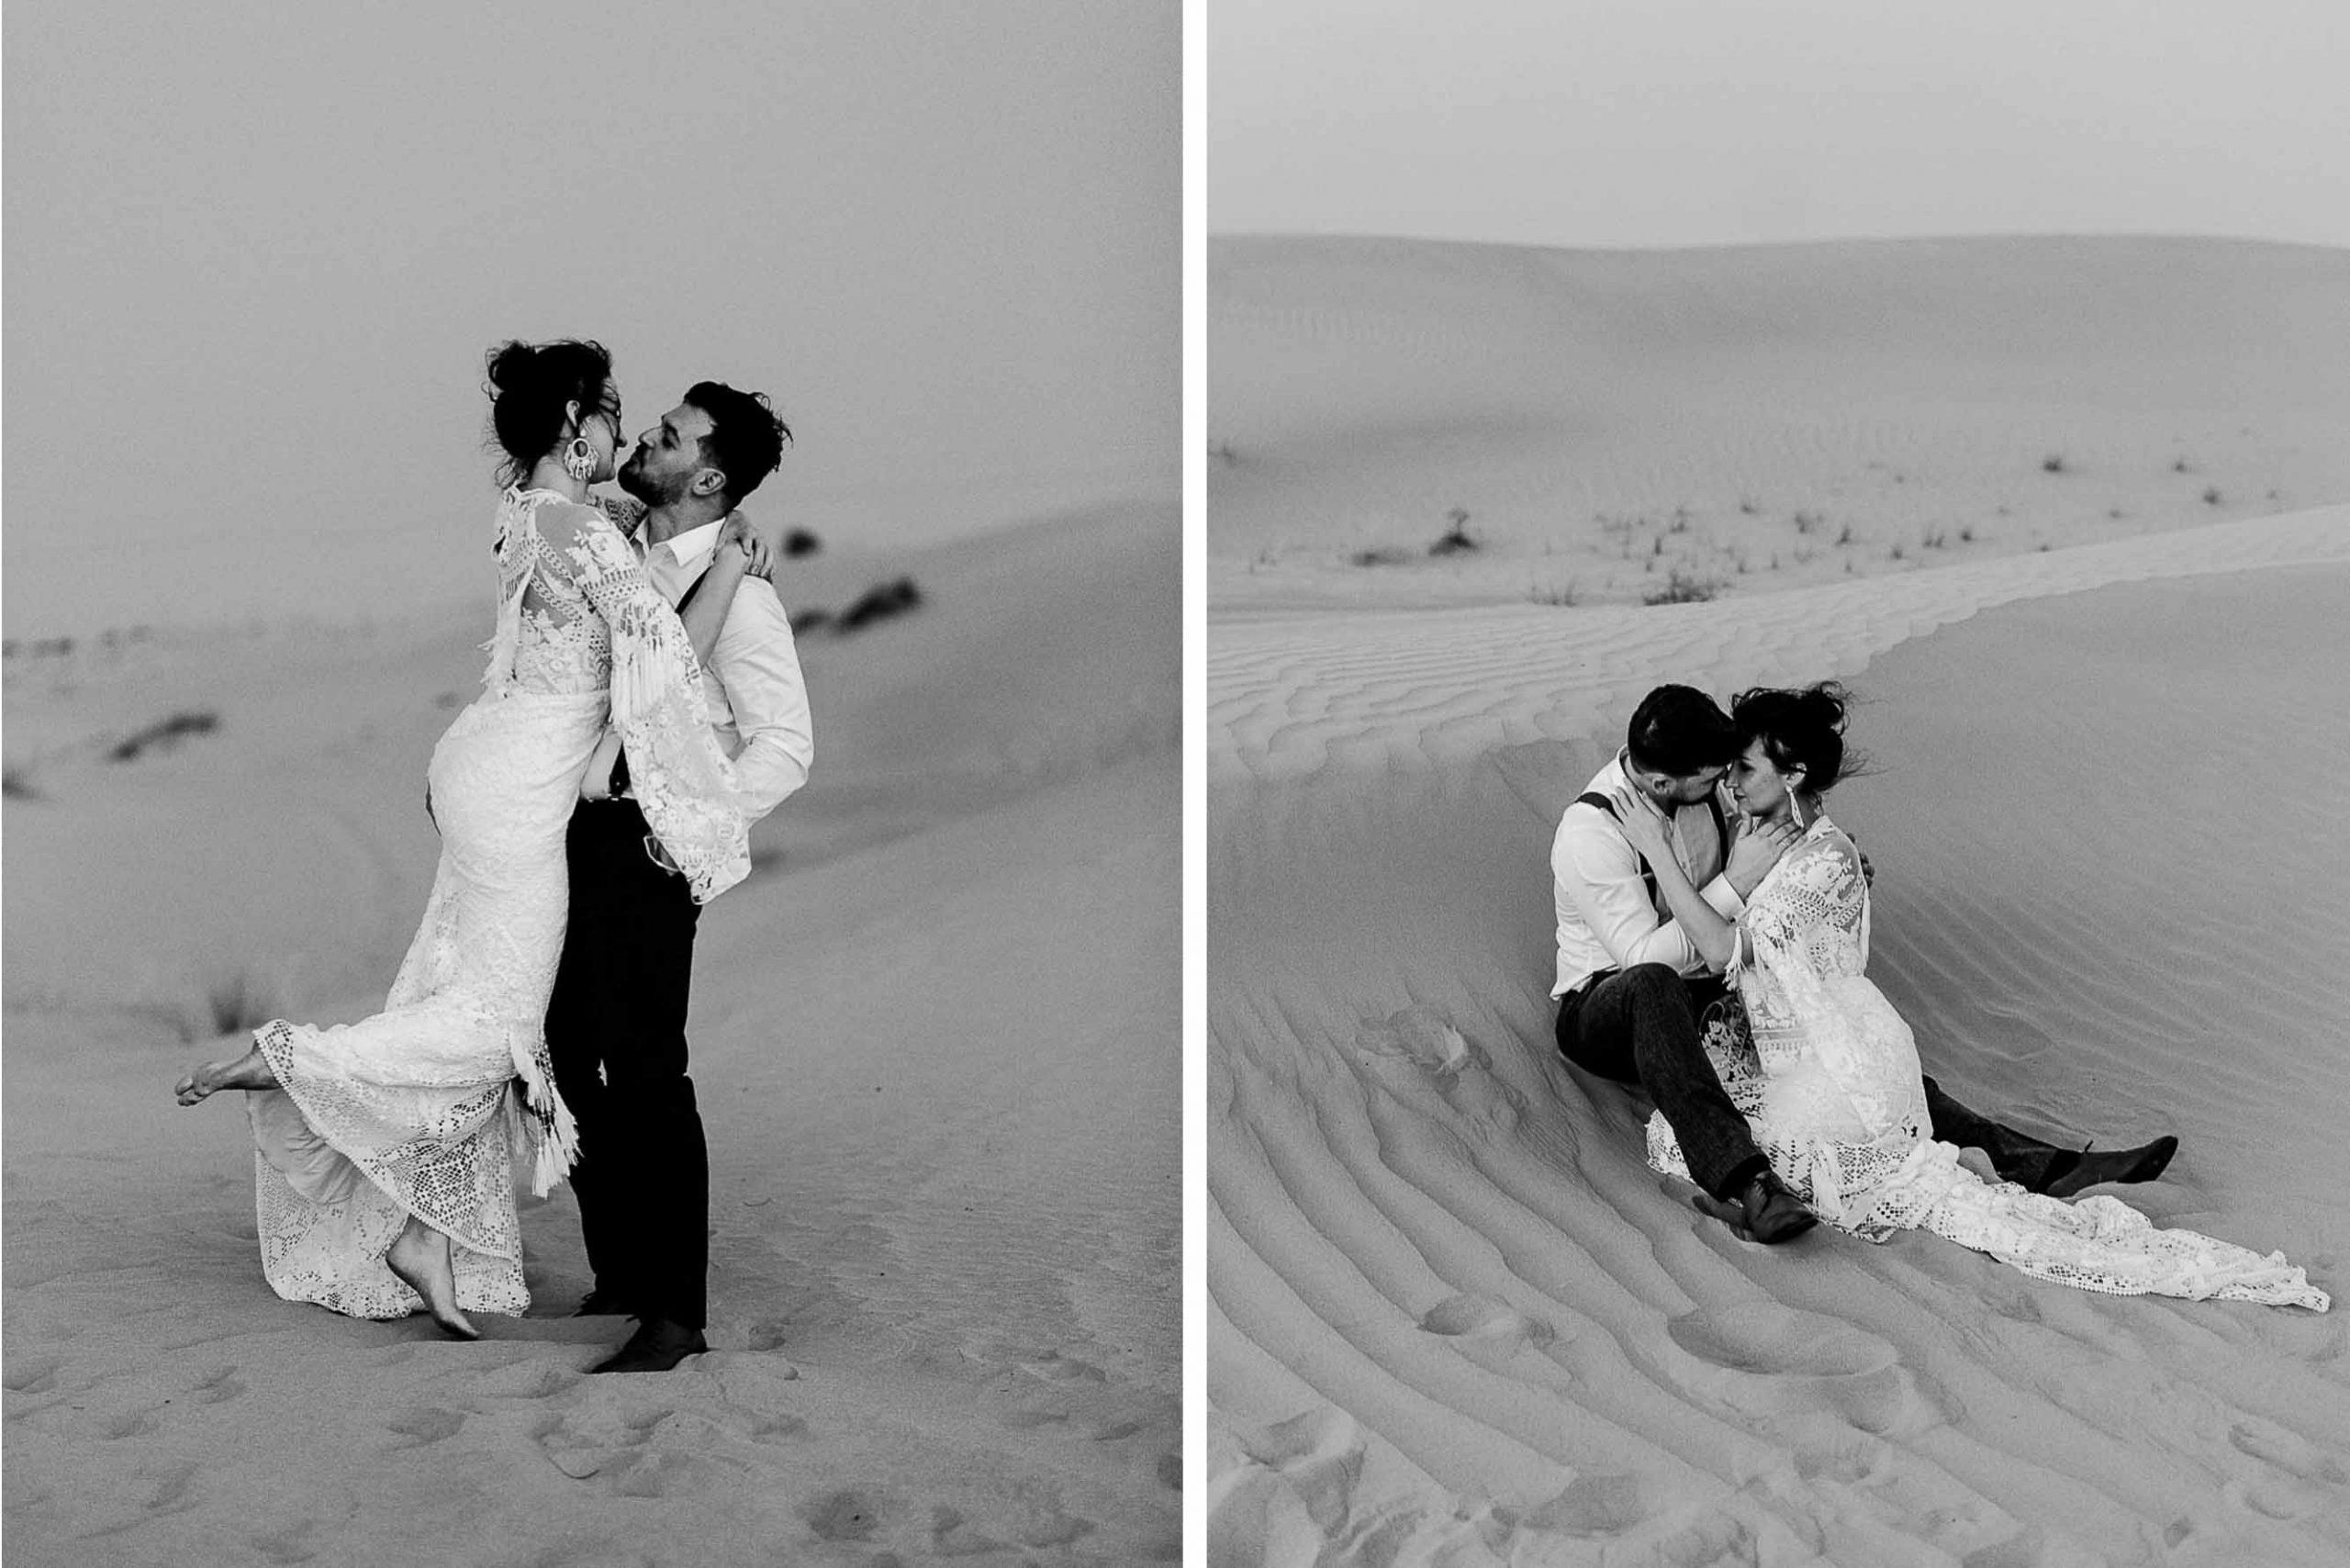 Fine Art Wedding Photographer Vienna Wien Hochzeitsfotograf helle Fotos natürliche Hochzeitsfotos Hochzeitsfotograf Preise Wien elopement Wedding wüste After Wedding Dubai wien Hochzeitskleid Ivory Ilse Bohohochzeit Bohohochzeitskleid